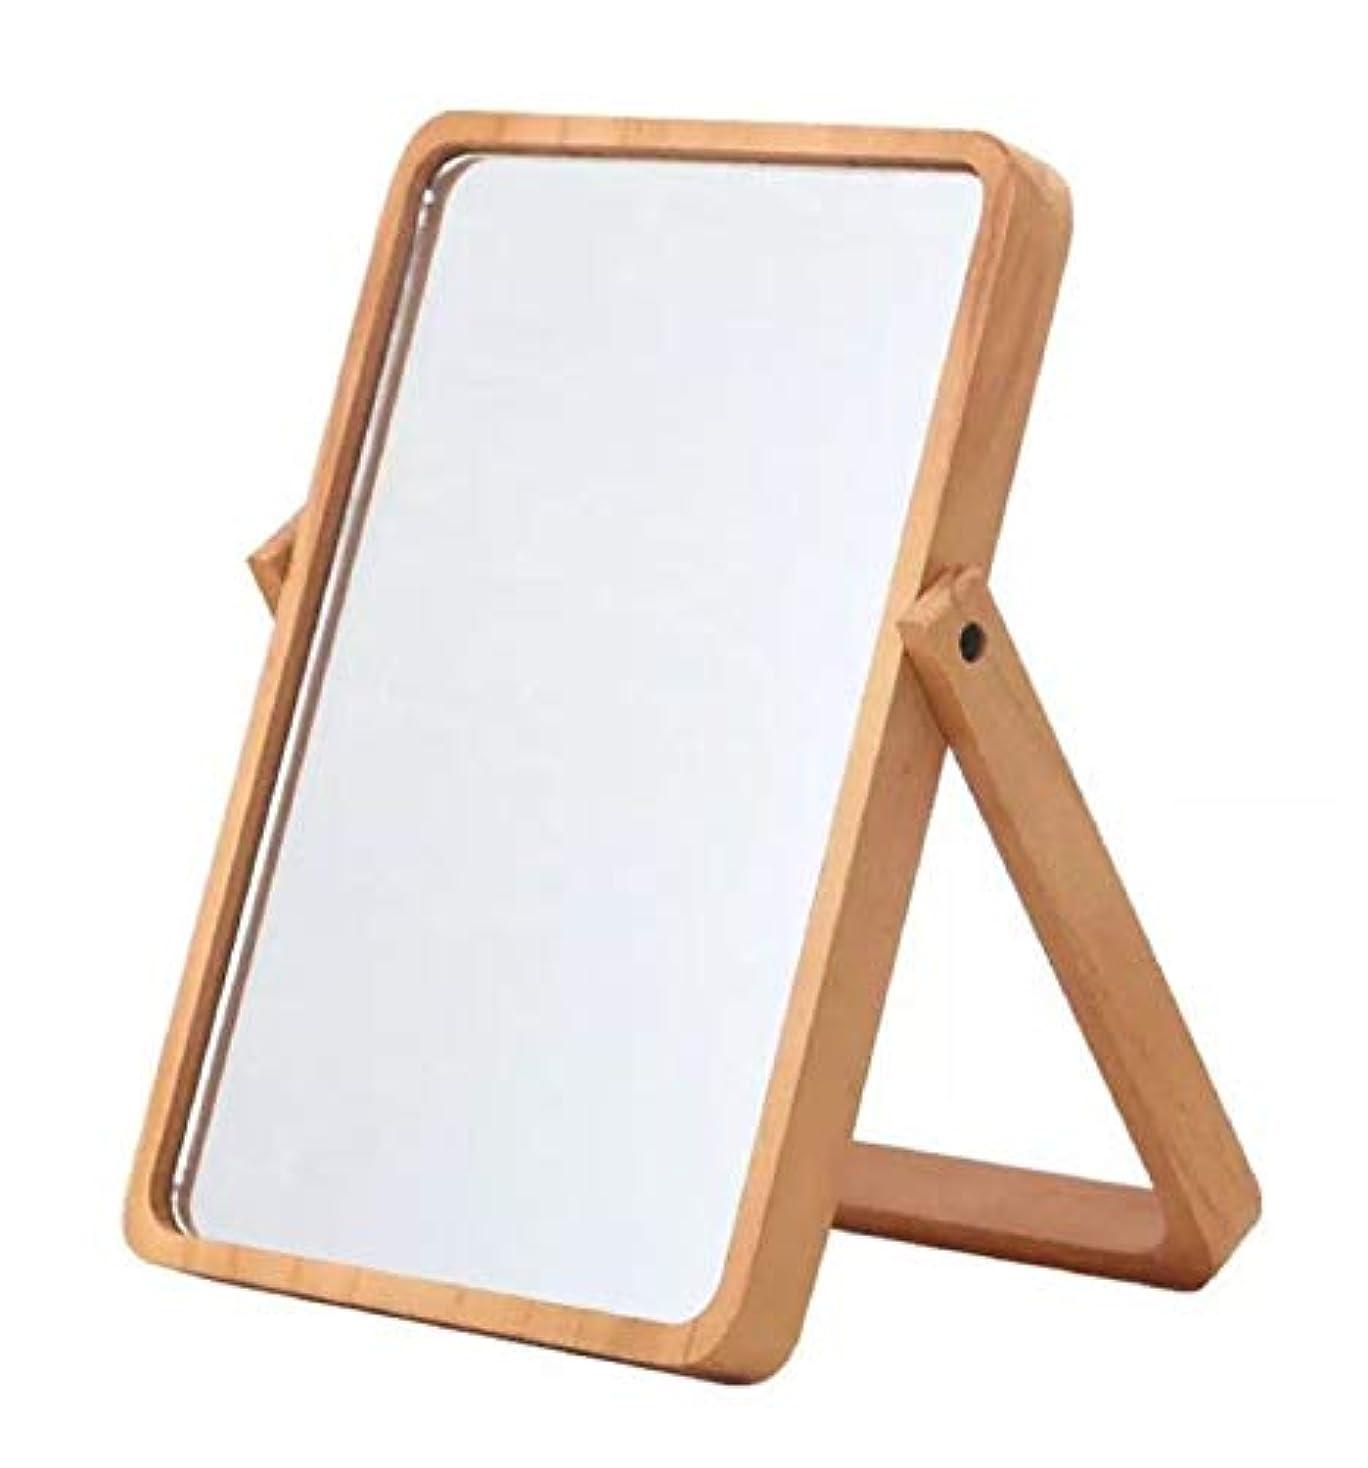 近々いちゃつくクレーン卓上鏡 木枠 鏡 壁掛け 卓上 ミラー 木製フレーム 卓上ミラー 木 スタンド式 26.5×20×2㎝